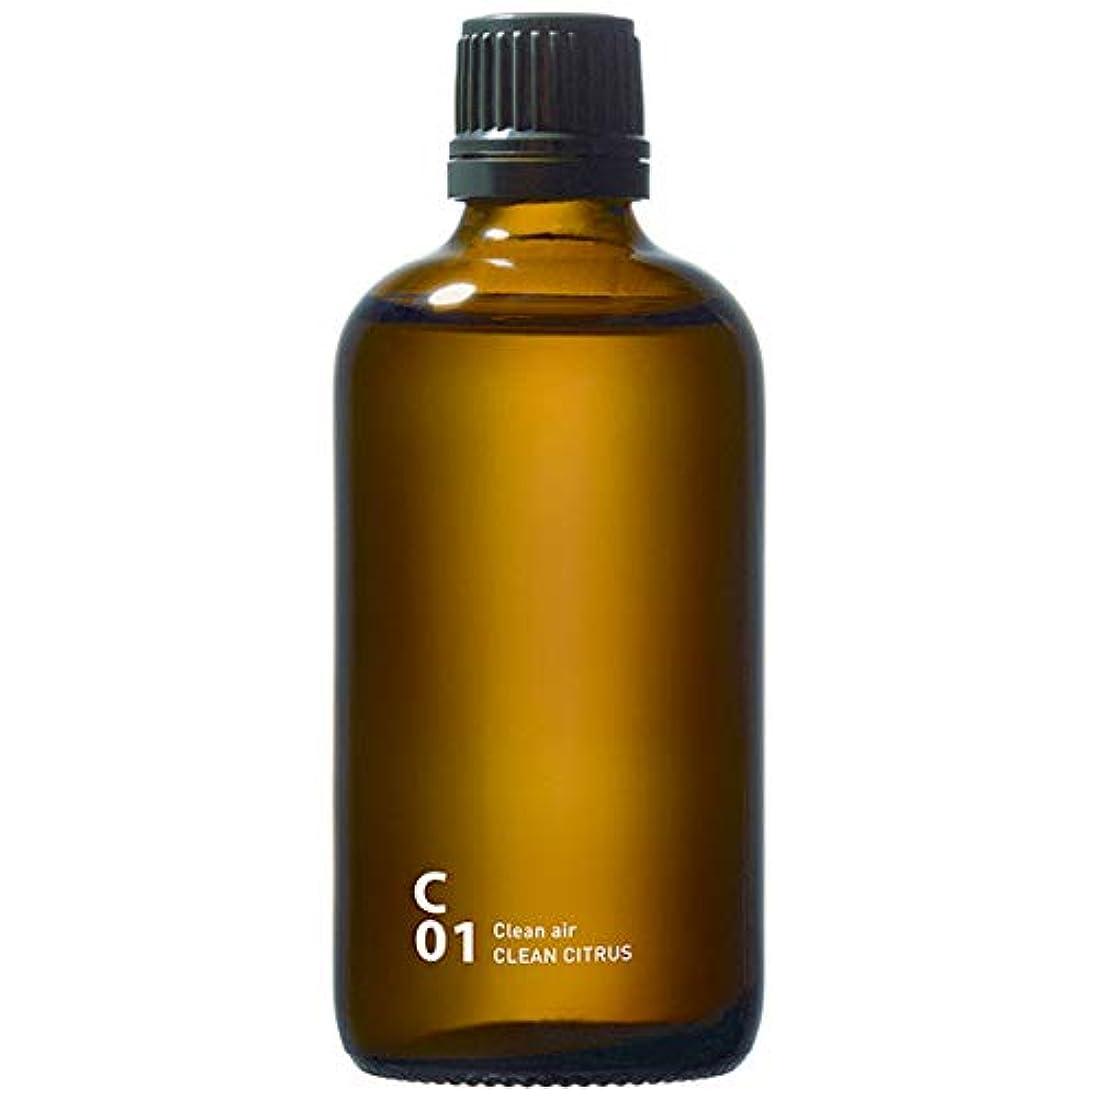 激しい磁器花弁C01 CLEAN CITRUS piezo aroma oil 100ml